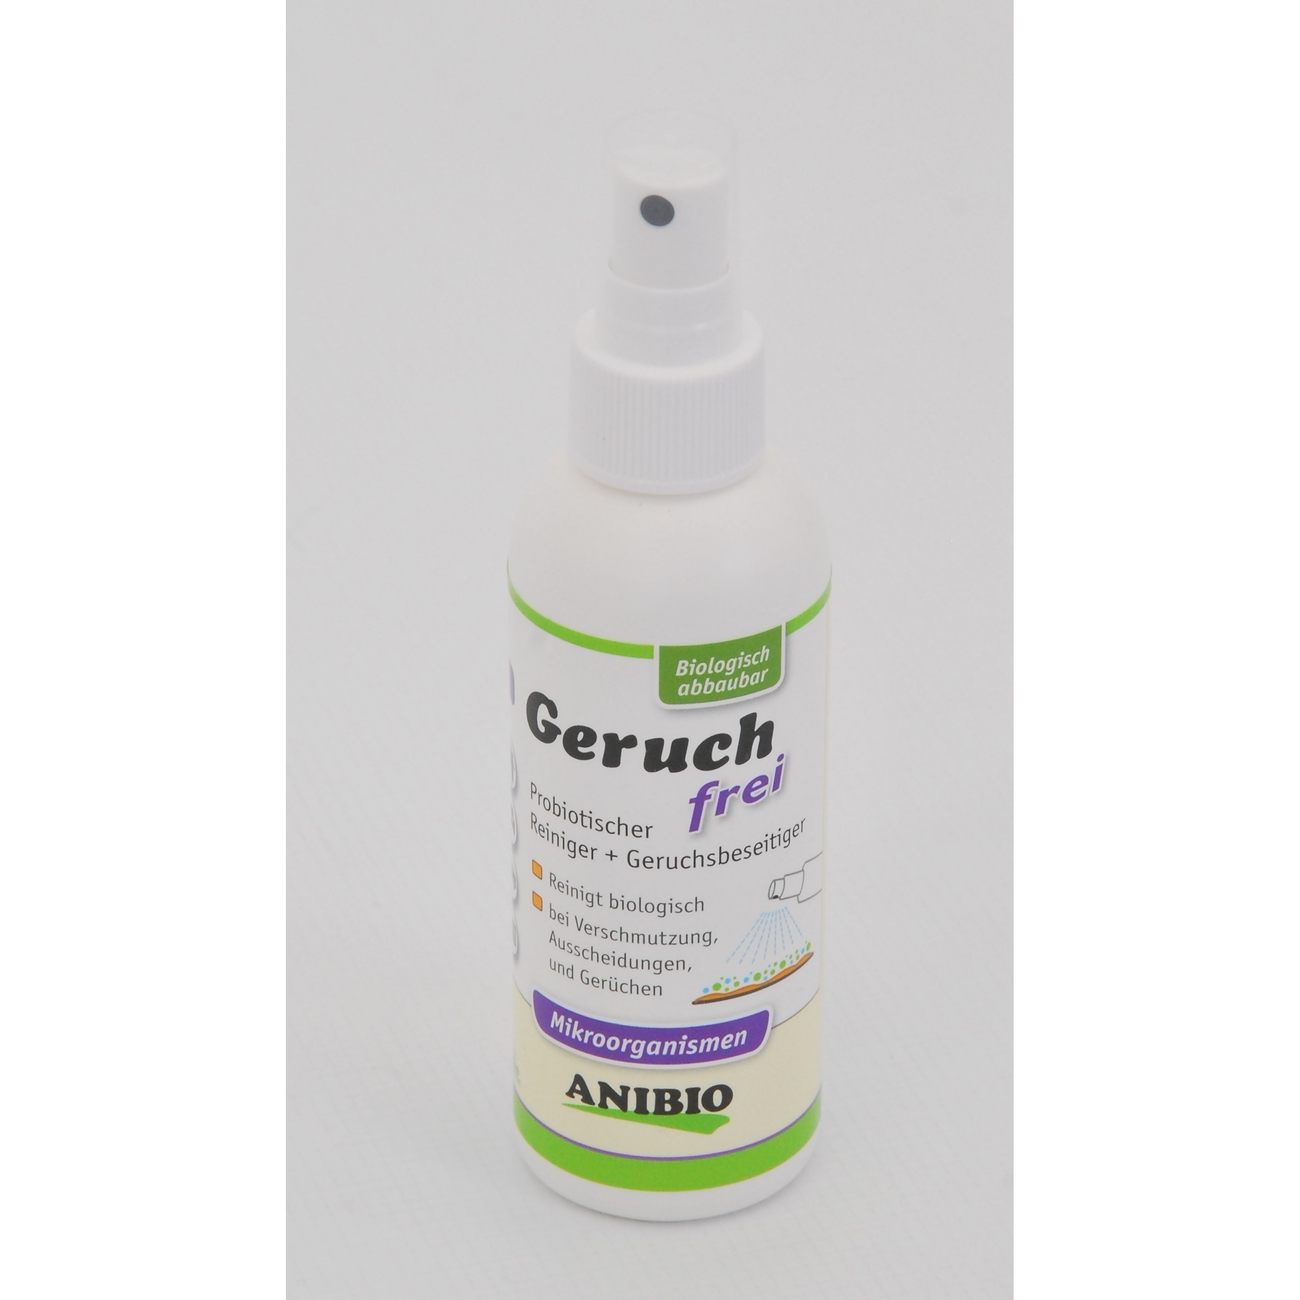 Anibio Geruch-frei